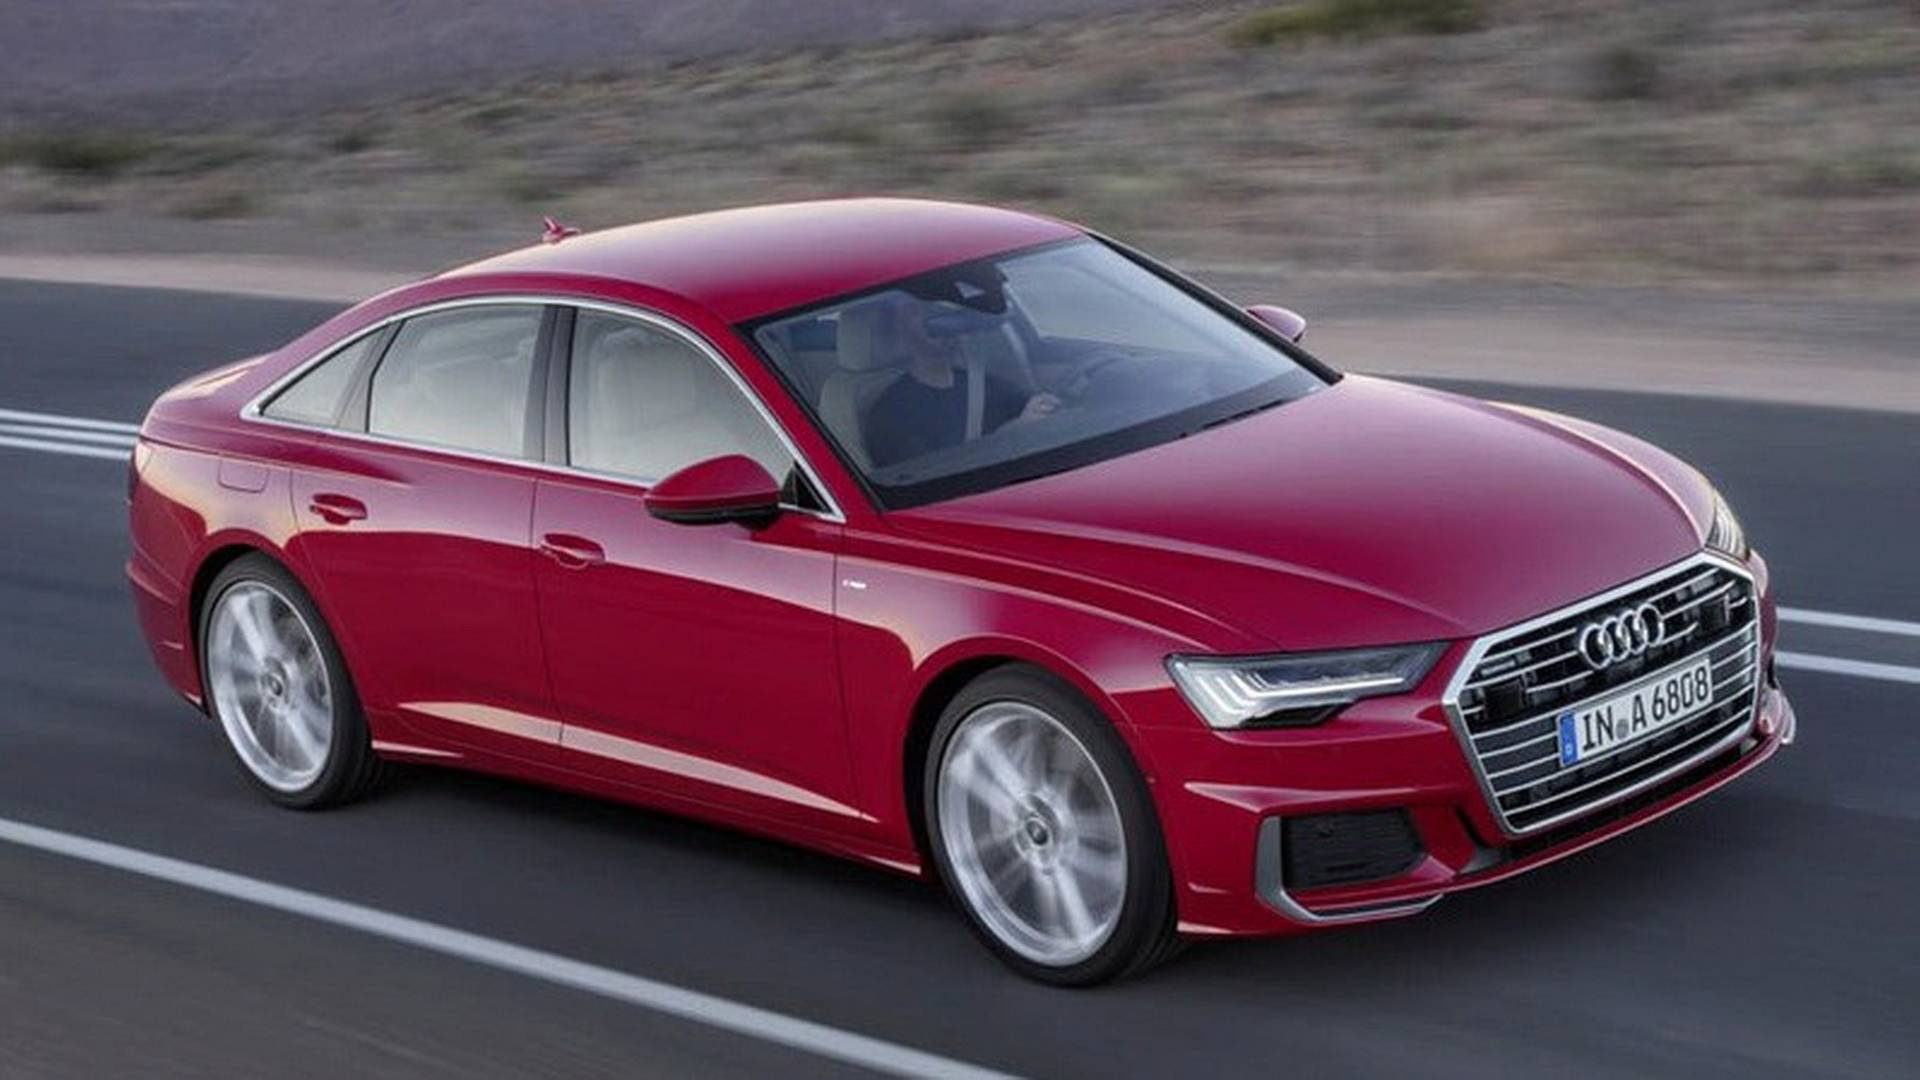 C'est la nouvelle A6 (2018) — Audi